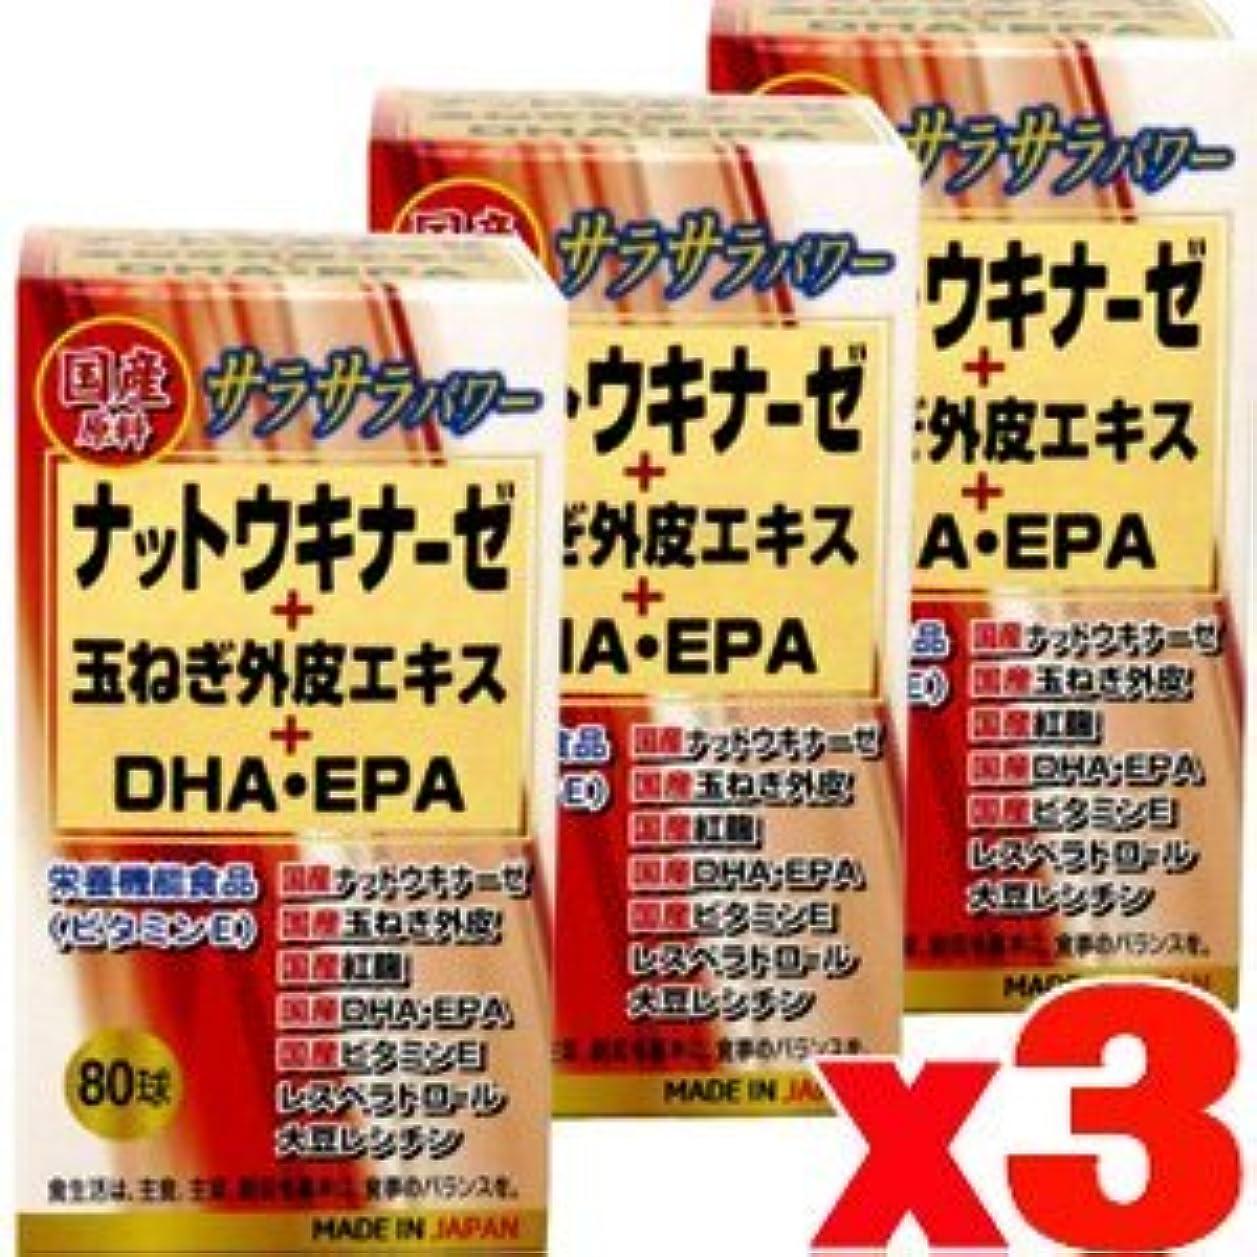 近々欺くハプニング【3個】ユウキ製薬 ナットウキナーゼ+玉ねぎ外皮エキス+DHA?EPA 80球x3個(4524326202109)